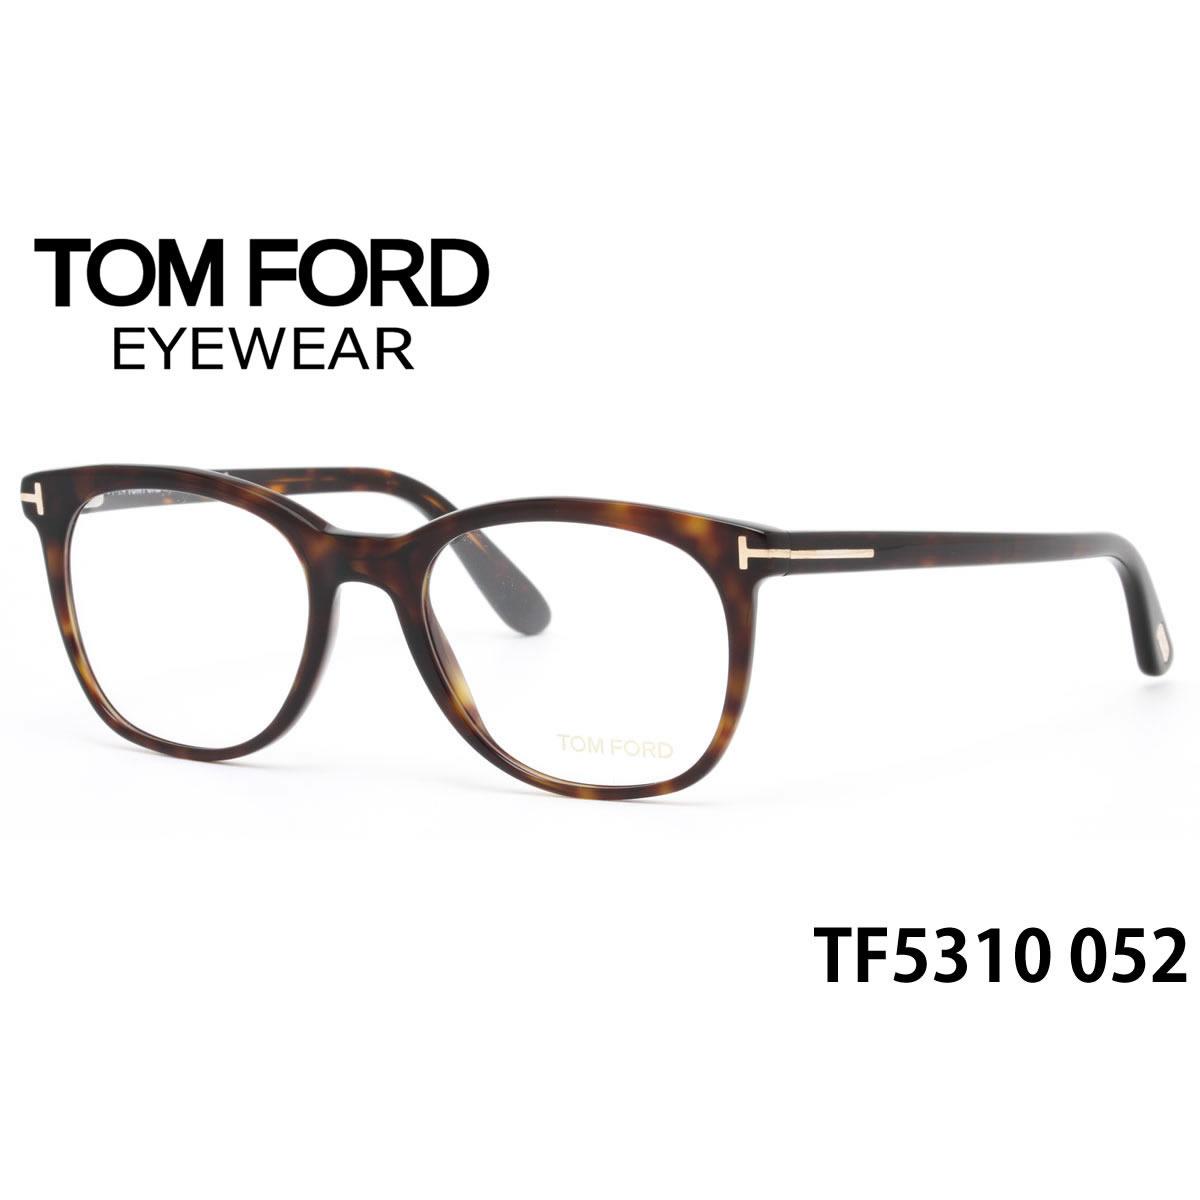 【10月30日からエントリーで全品ポイント20倍】【トムフォード】(TOM FORD) メガネ TF5310 052 52サイズ TOMFORD FT5310 セルシール1個サービス メンズ レディース